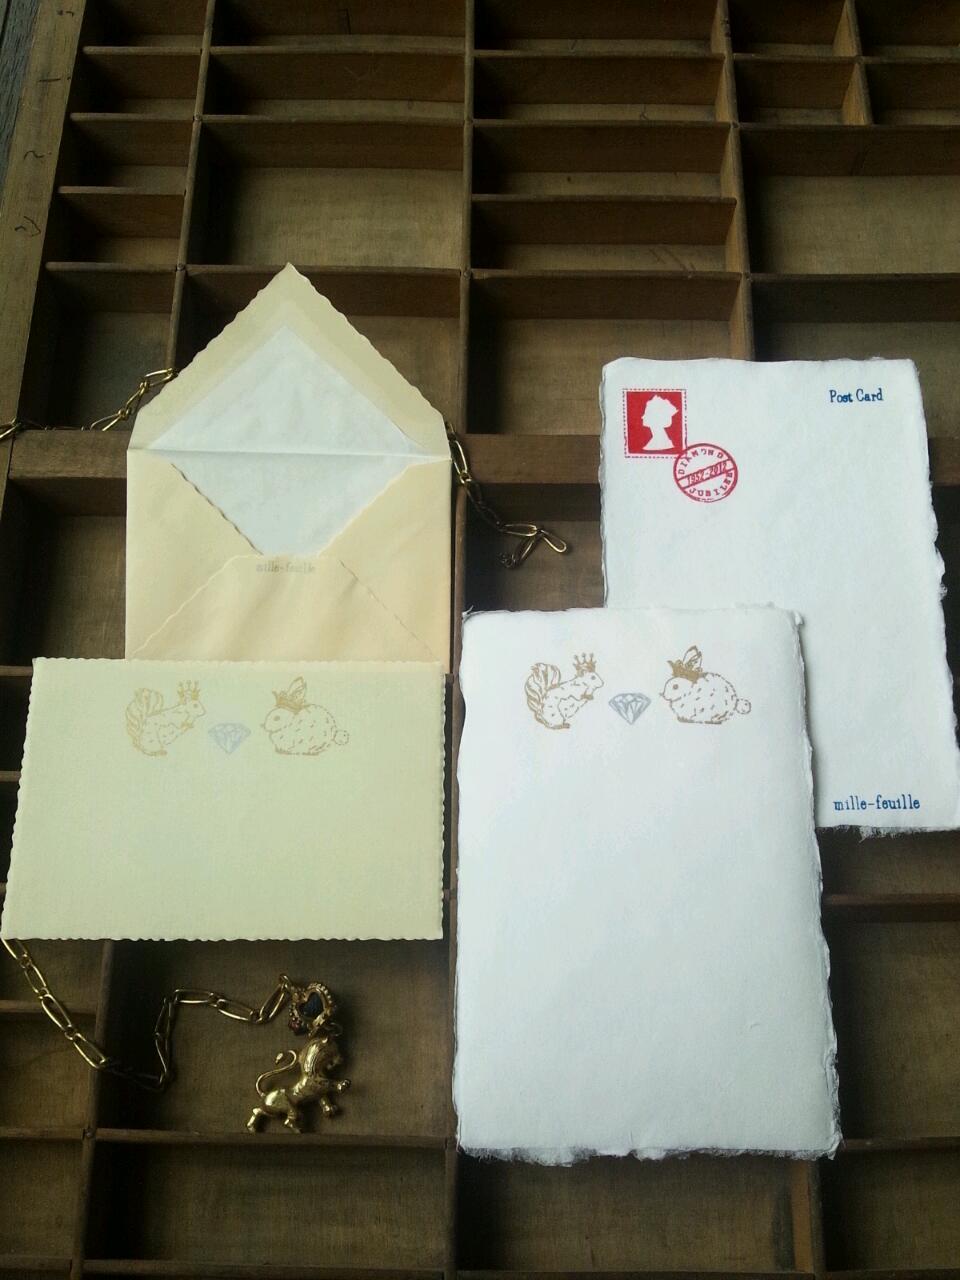 【Lykkelig】ダイヤモンド・ジュビリー・カード入荷!